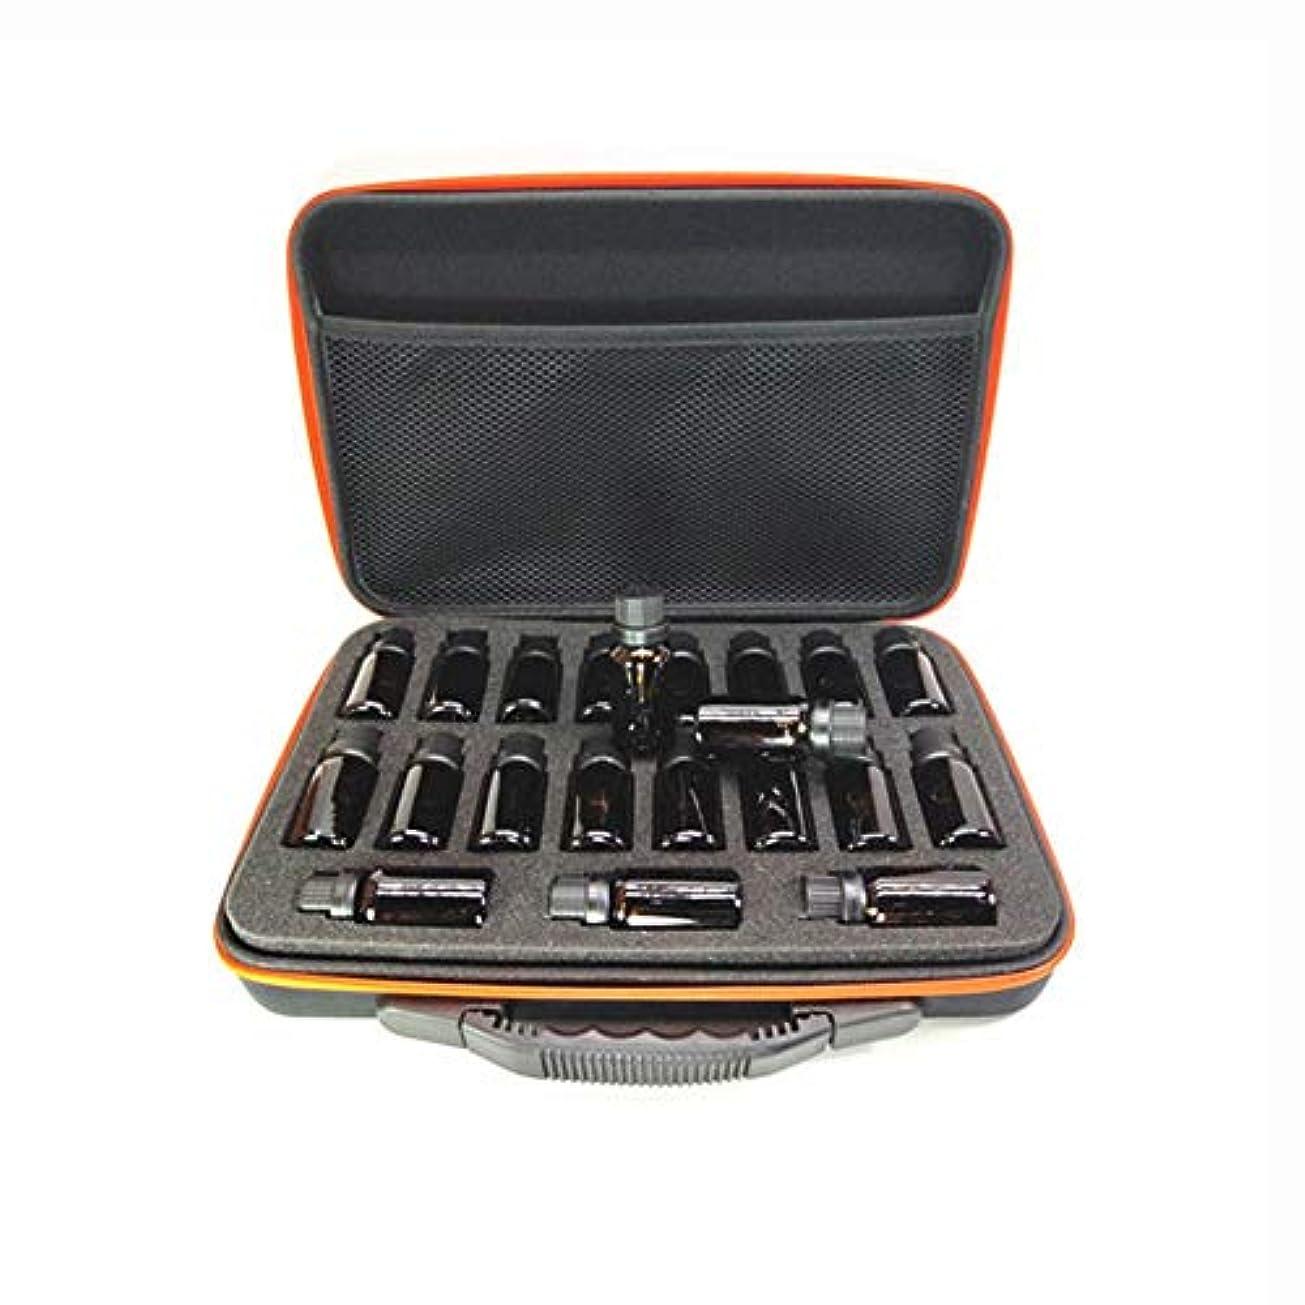 まっすぐこだわりみなすエッセンシャルオイル 収納ケース - ハードシェル 携帯バッグ 衝撃防止 EVA アロマケース 化粧ポーチ ハンドル付き 旅行 15ml瓶用38本